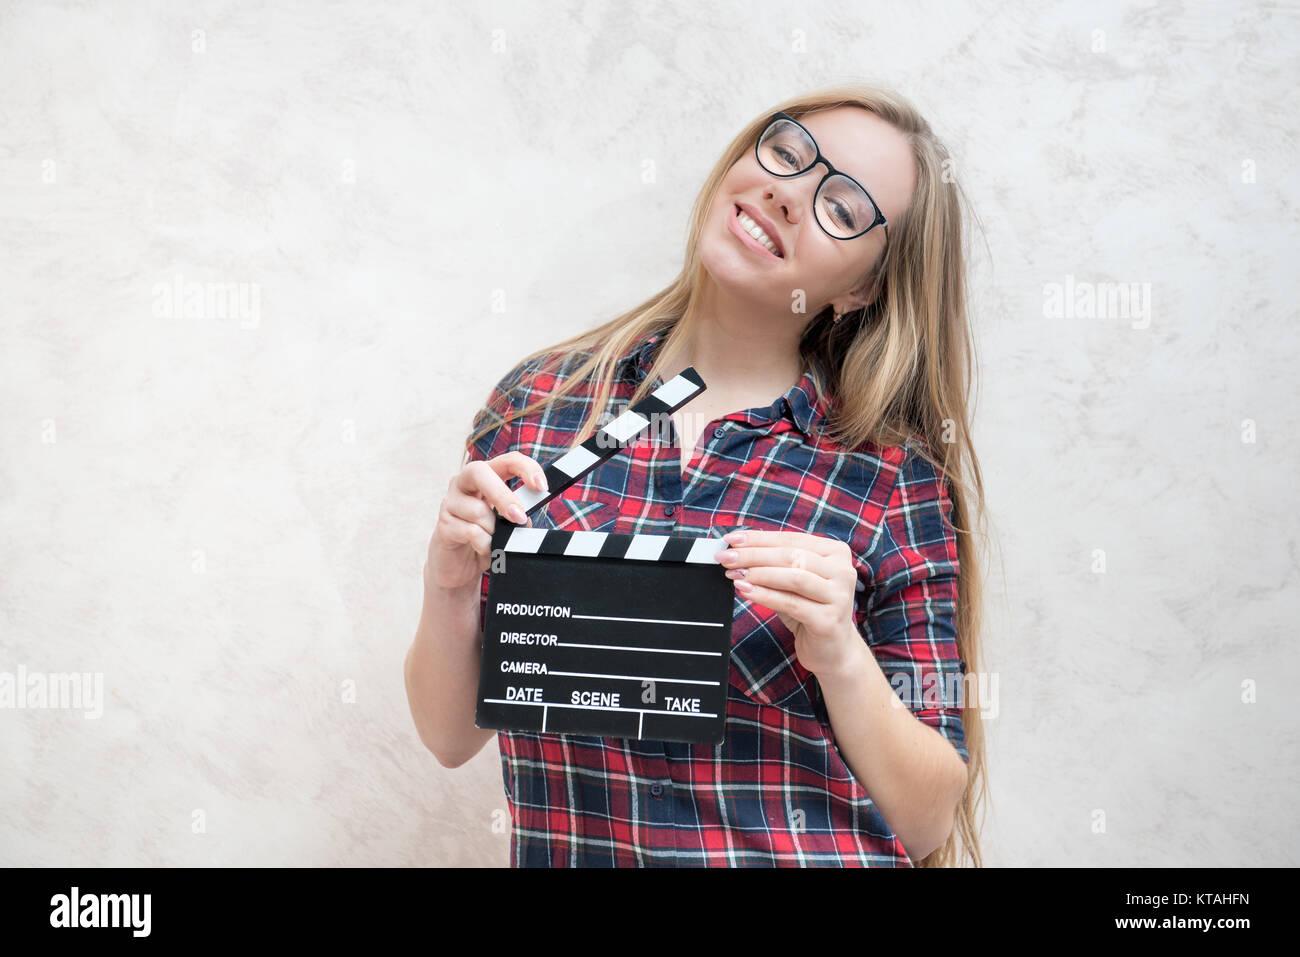 Cherche jeune femme blonde actrice [PUNIQRANDLINE-(au-dating-names.txt) 70